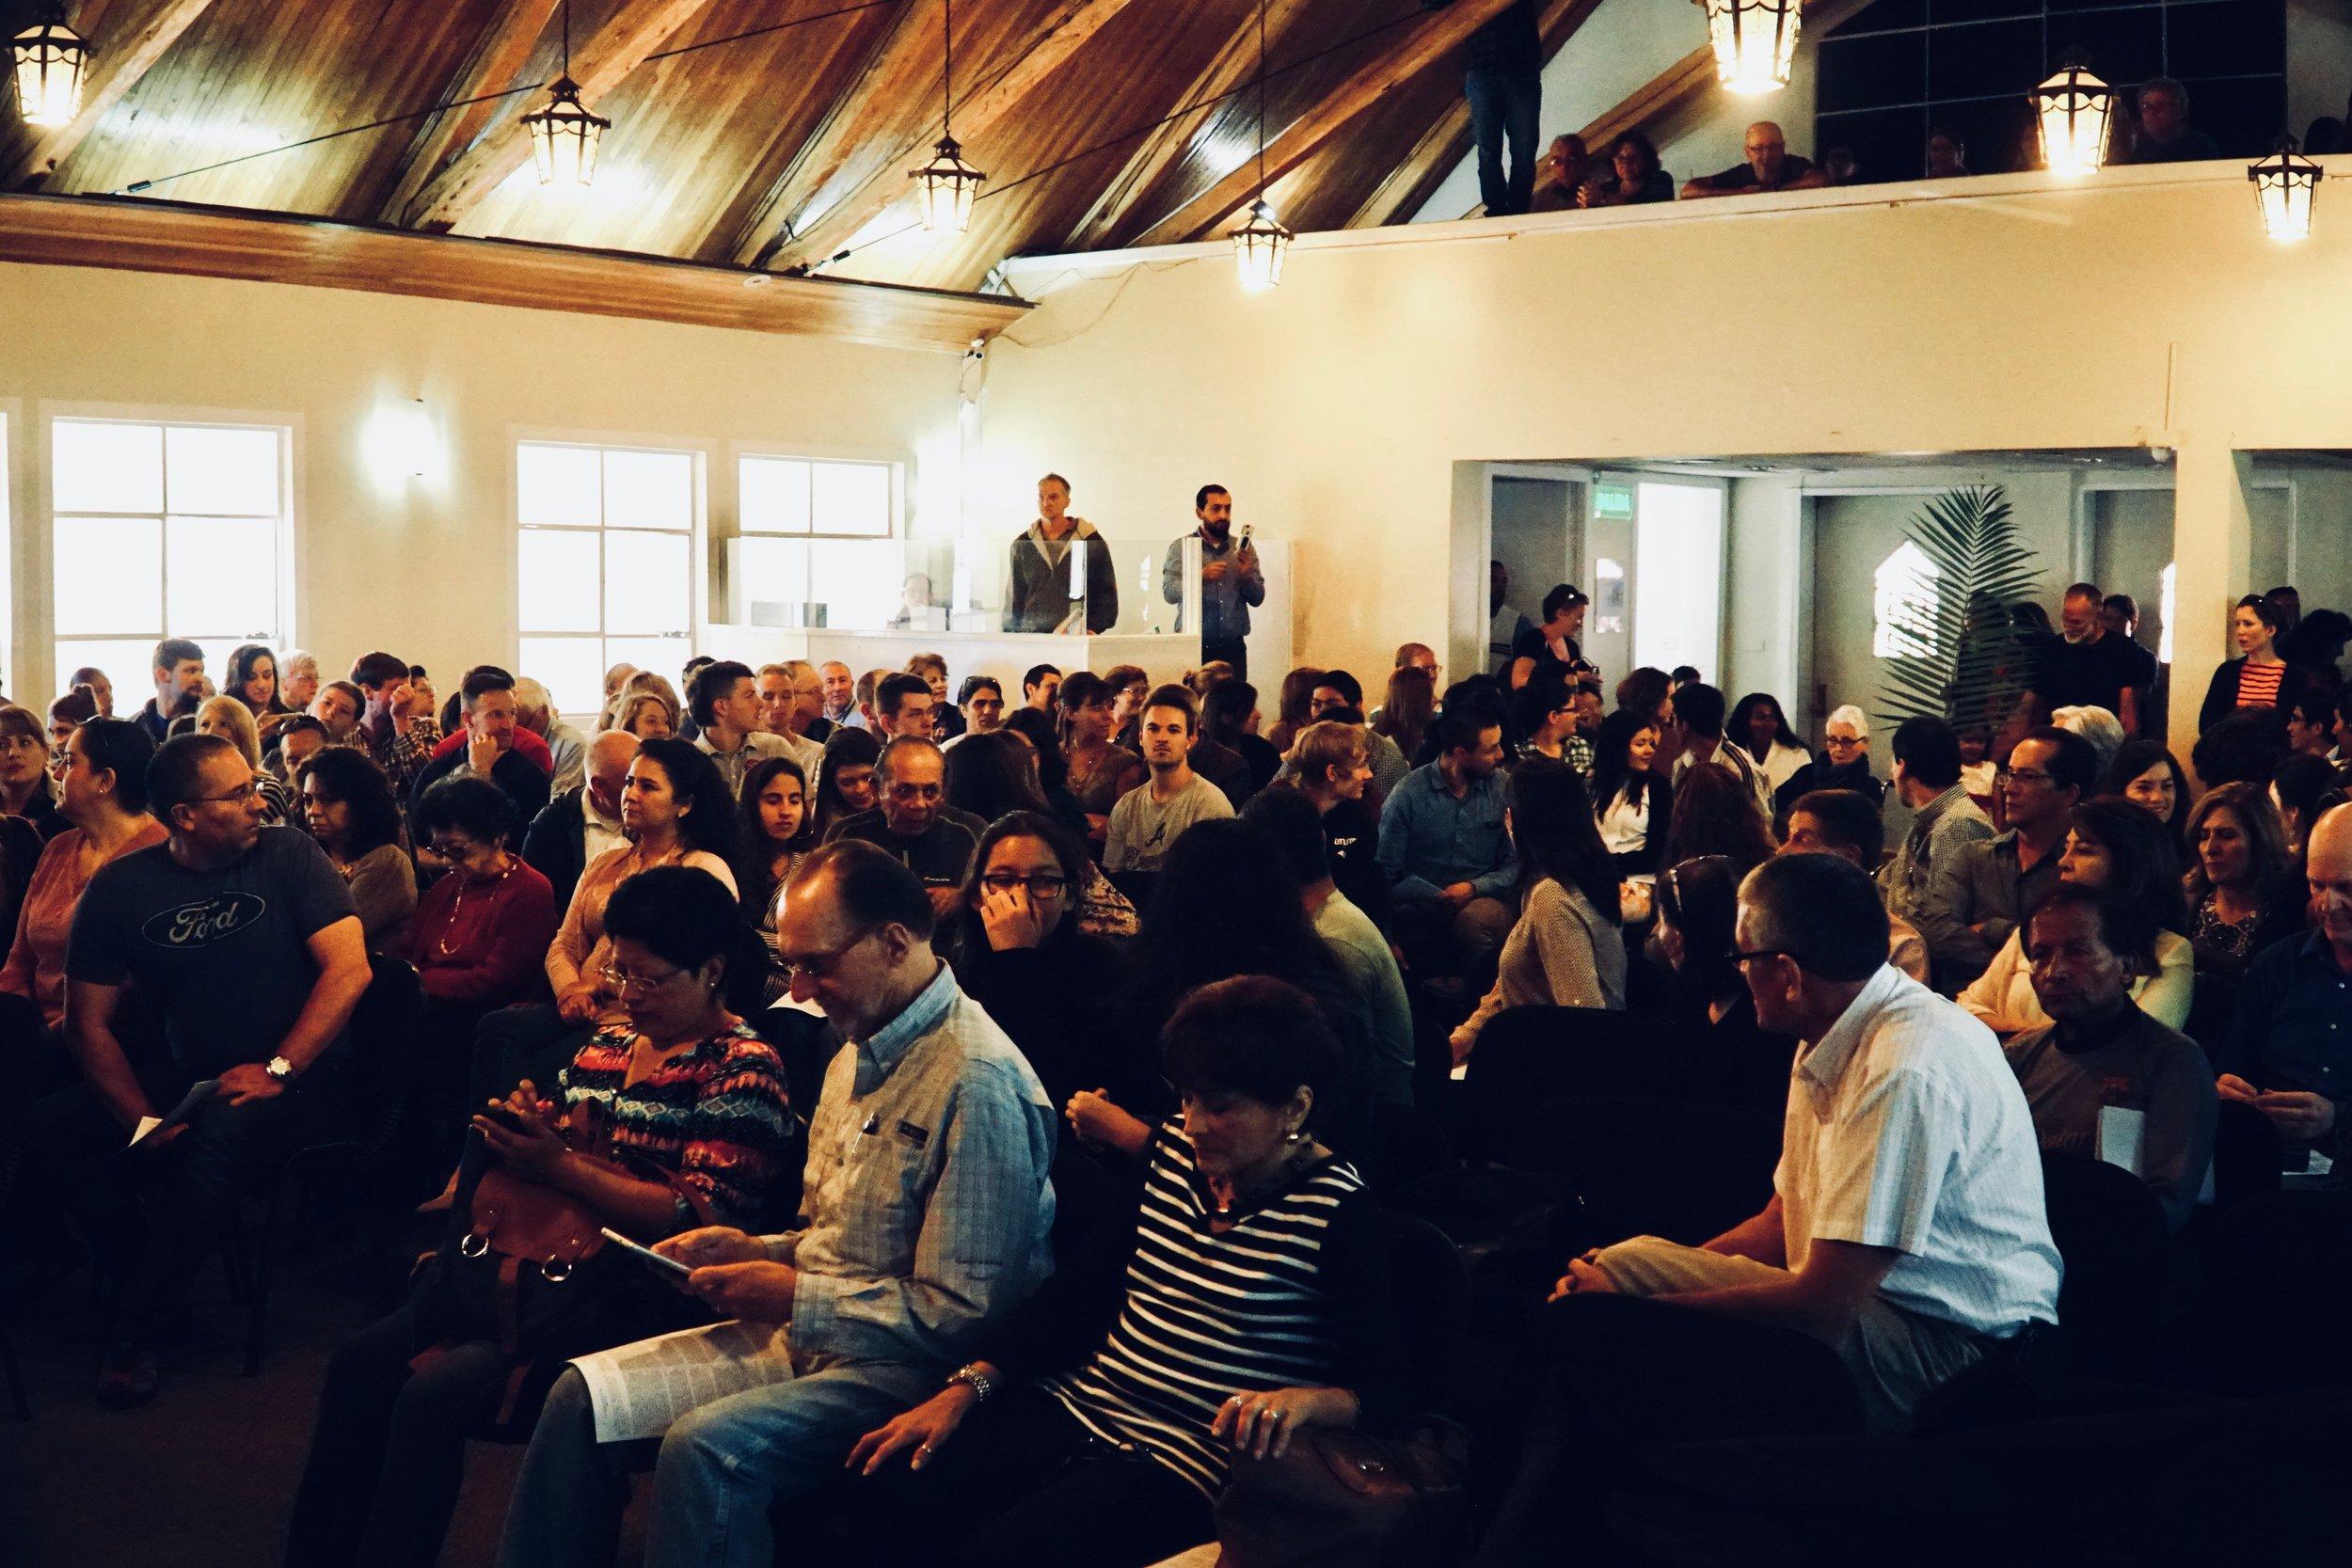 gathered worship - SUNDAYS AT 9:30AM